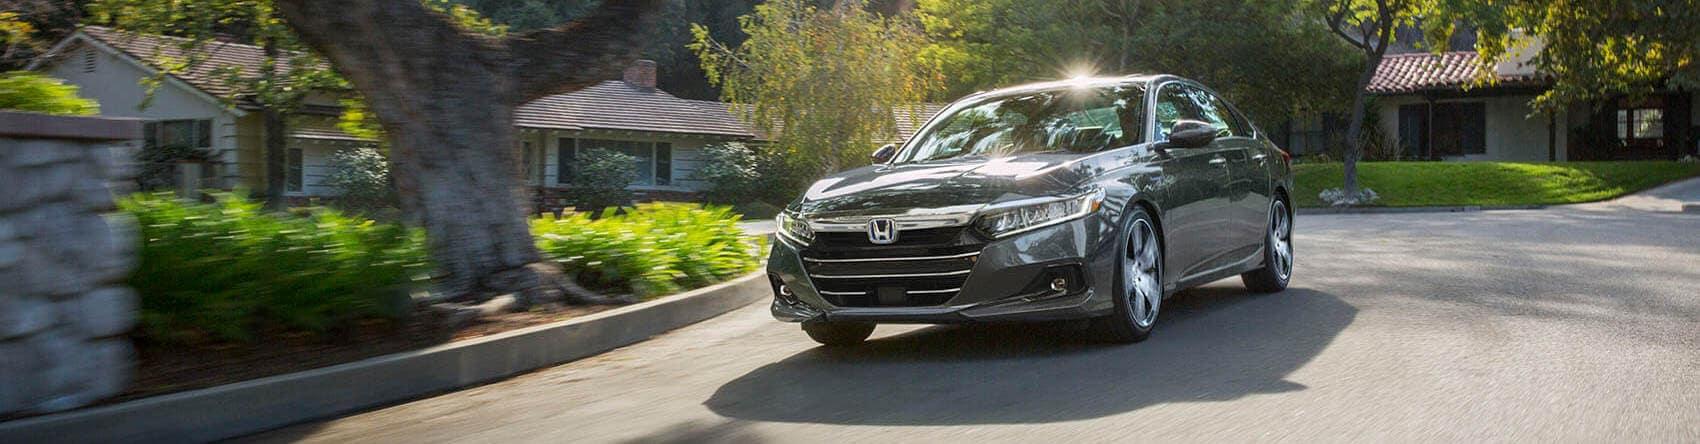 Honda Accord Financing